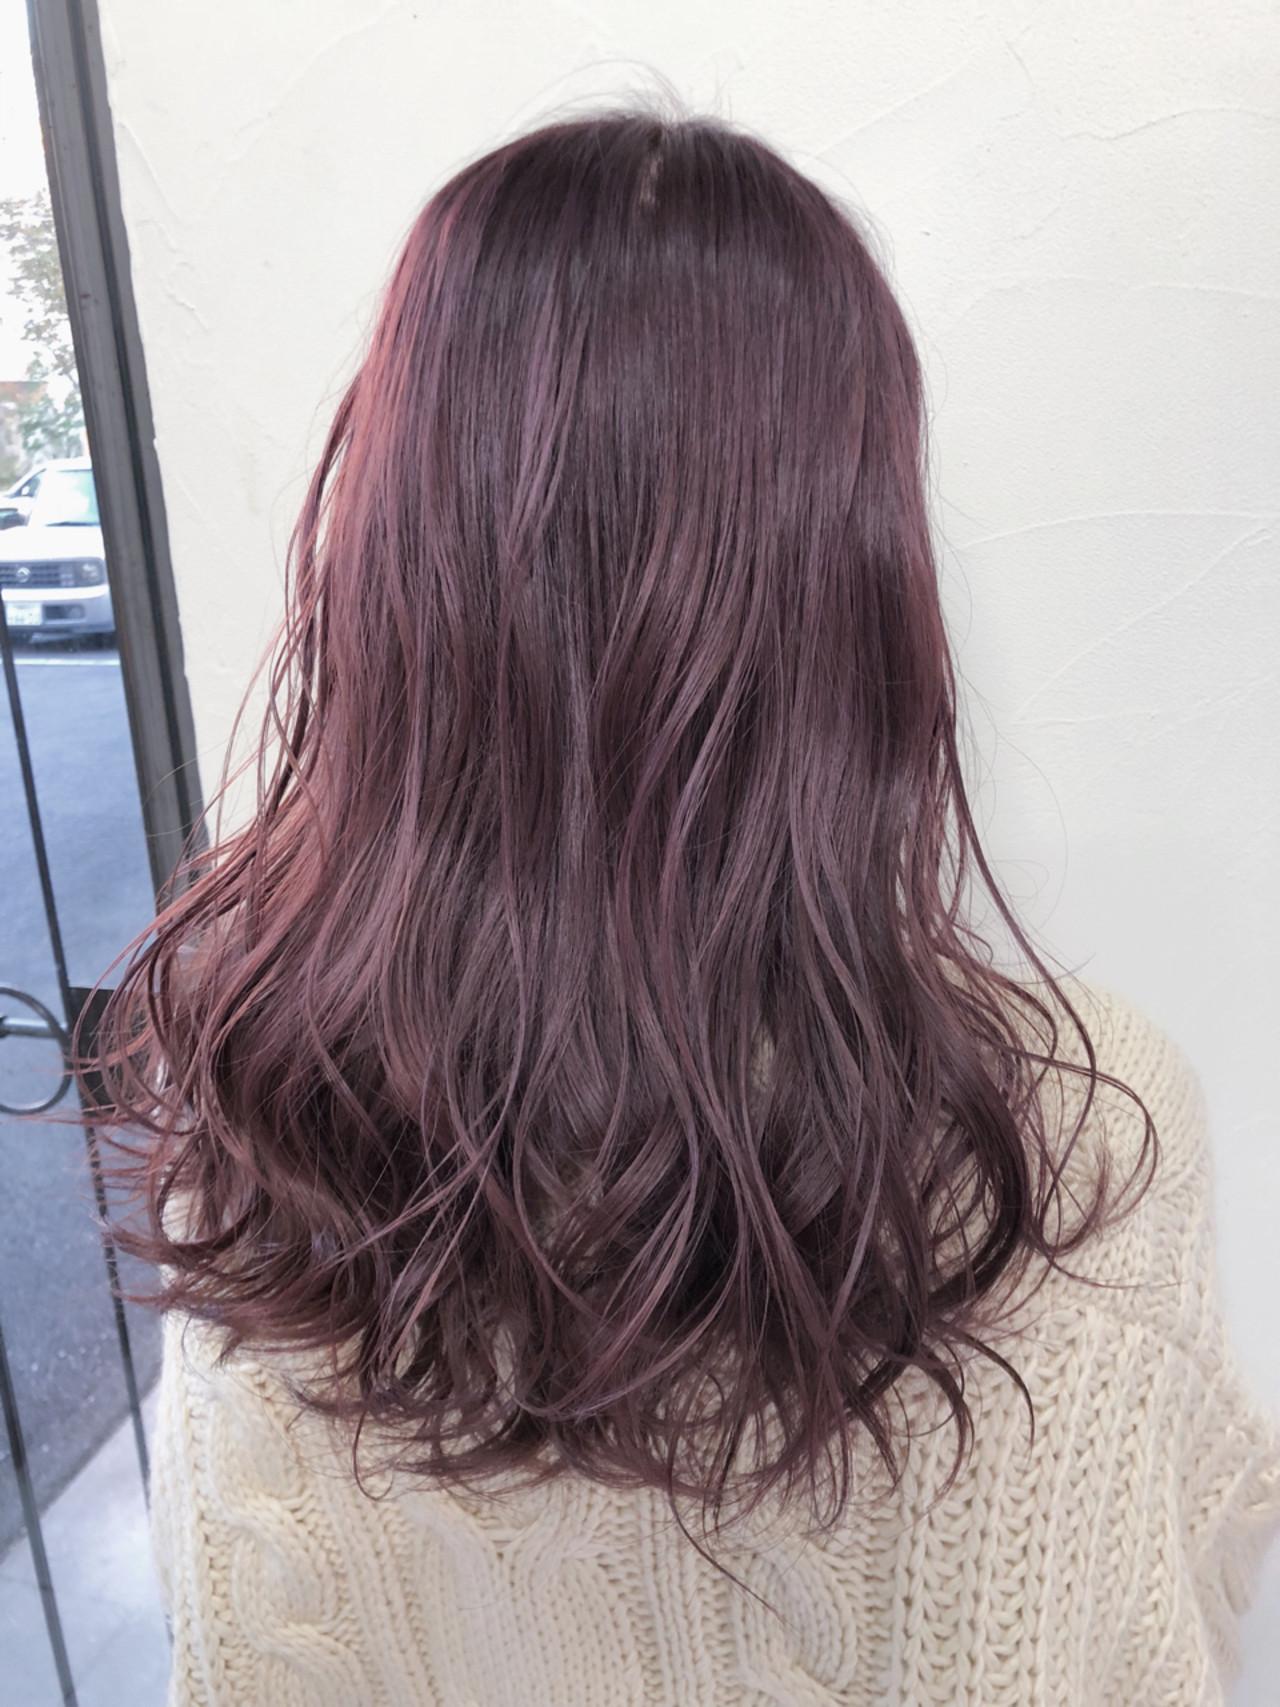 ベリーピンク フェミニン セミロング ベージュ ヘアスタイルや髪型の写真・画像